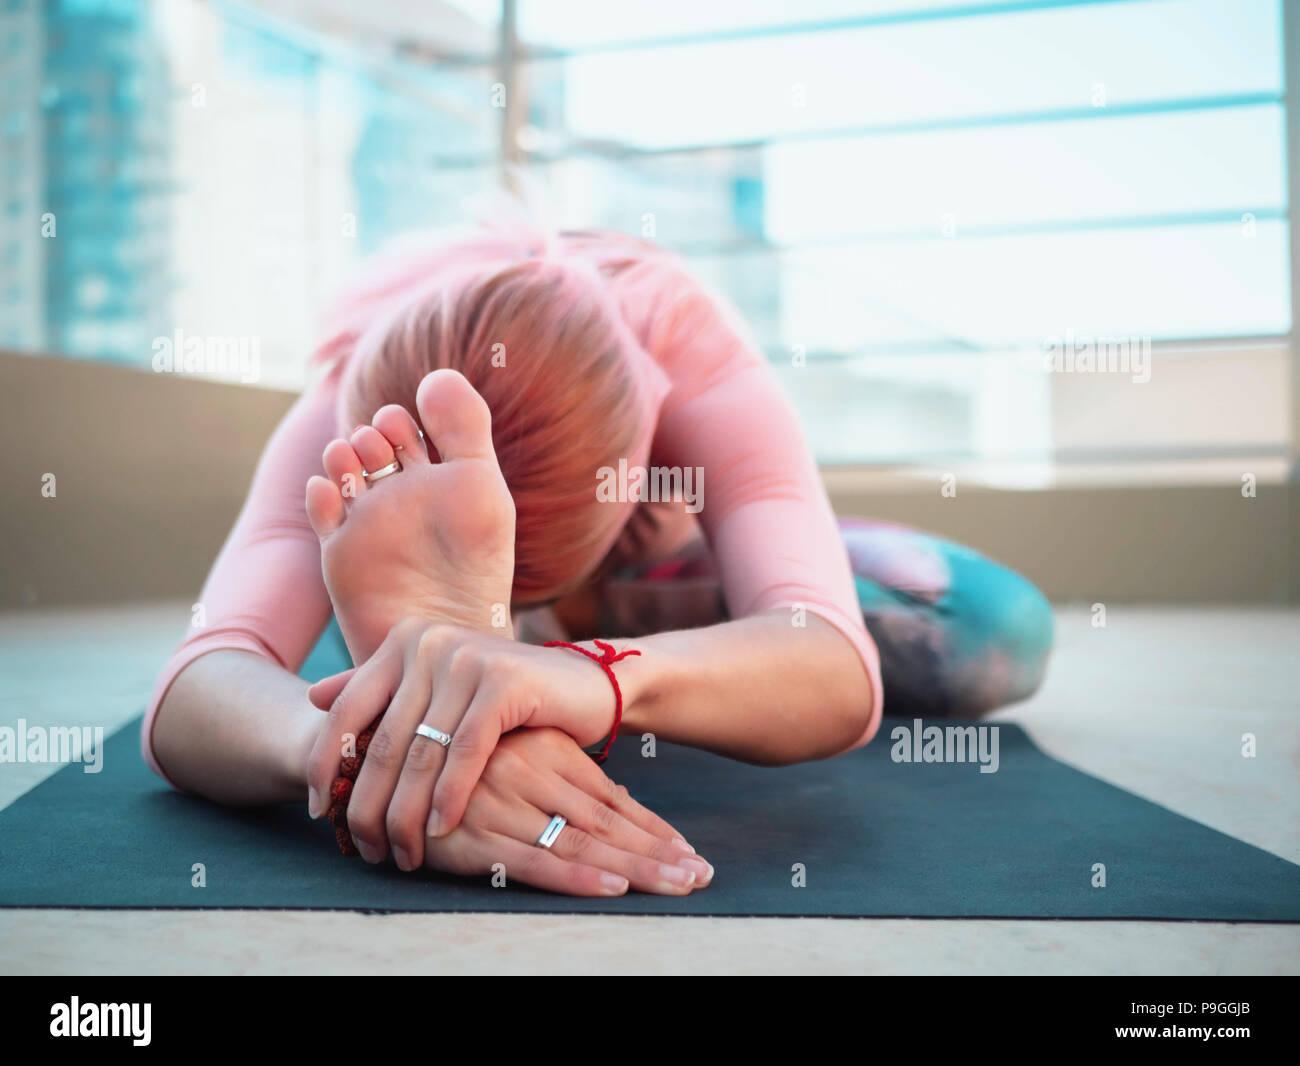 Giovane donna slim con rosa capelli tinti facendo yoga pratica sulla terrazza della città moderna. Ragazza per tenersi in forma e corpo sano relax sulla terrazza sul tetto durante la pratica, rappresentano Immagini Stock